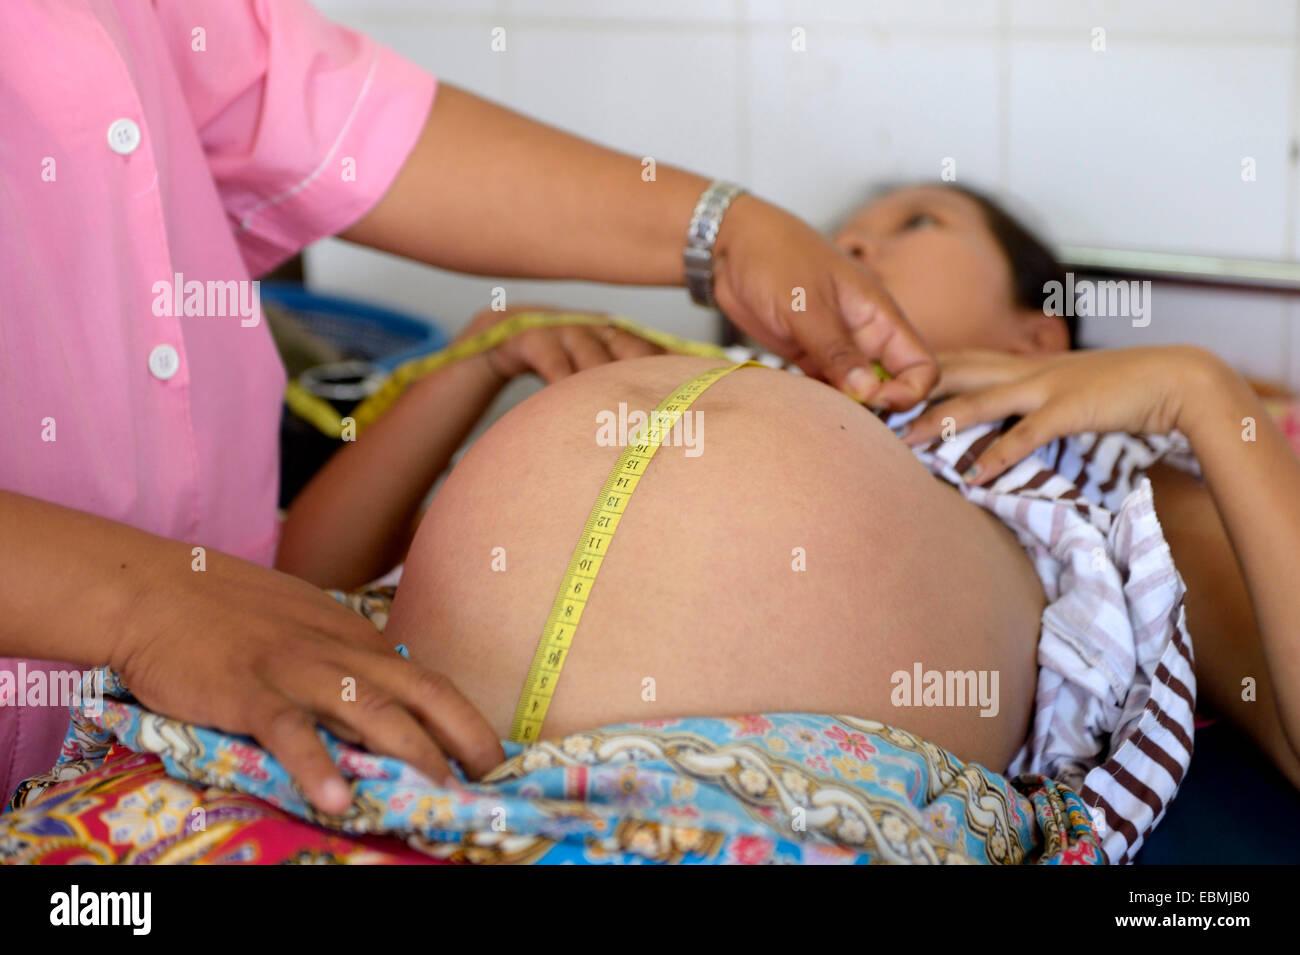 Datierung der Schwangerschaftsprüfung